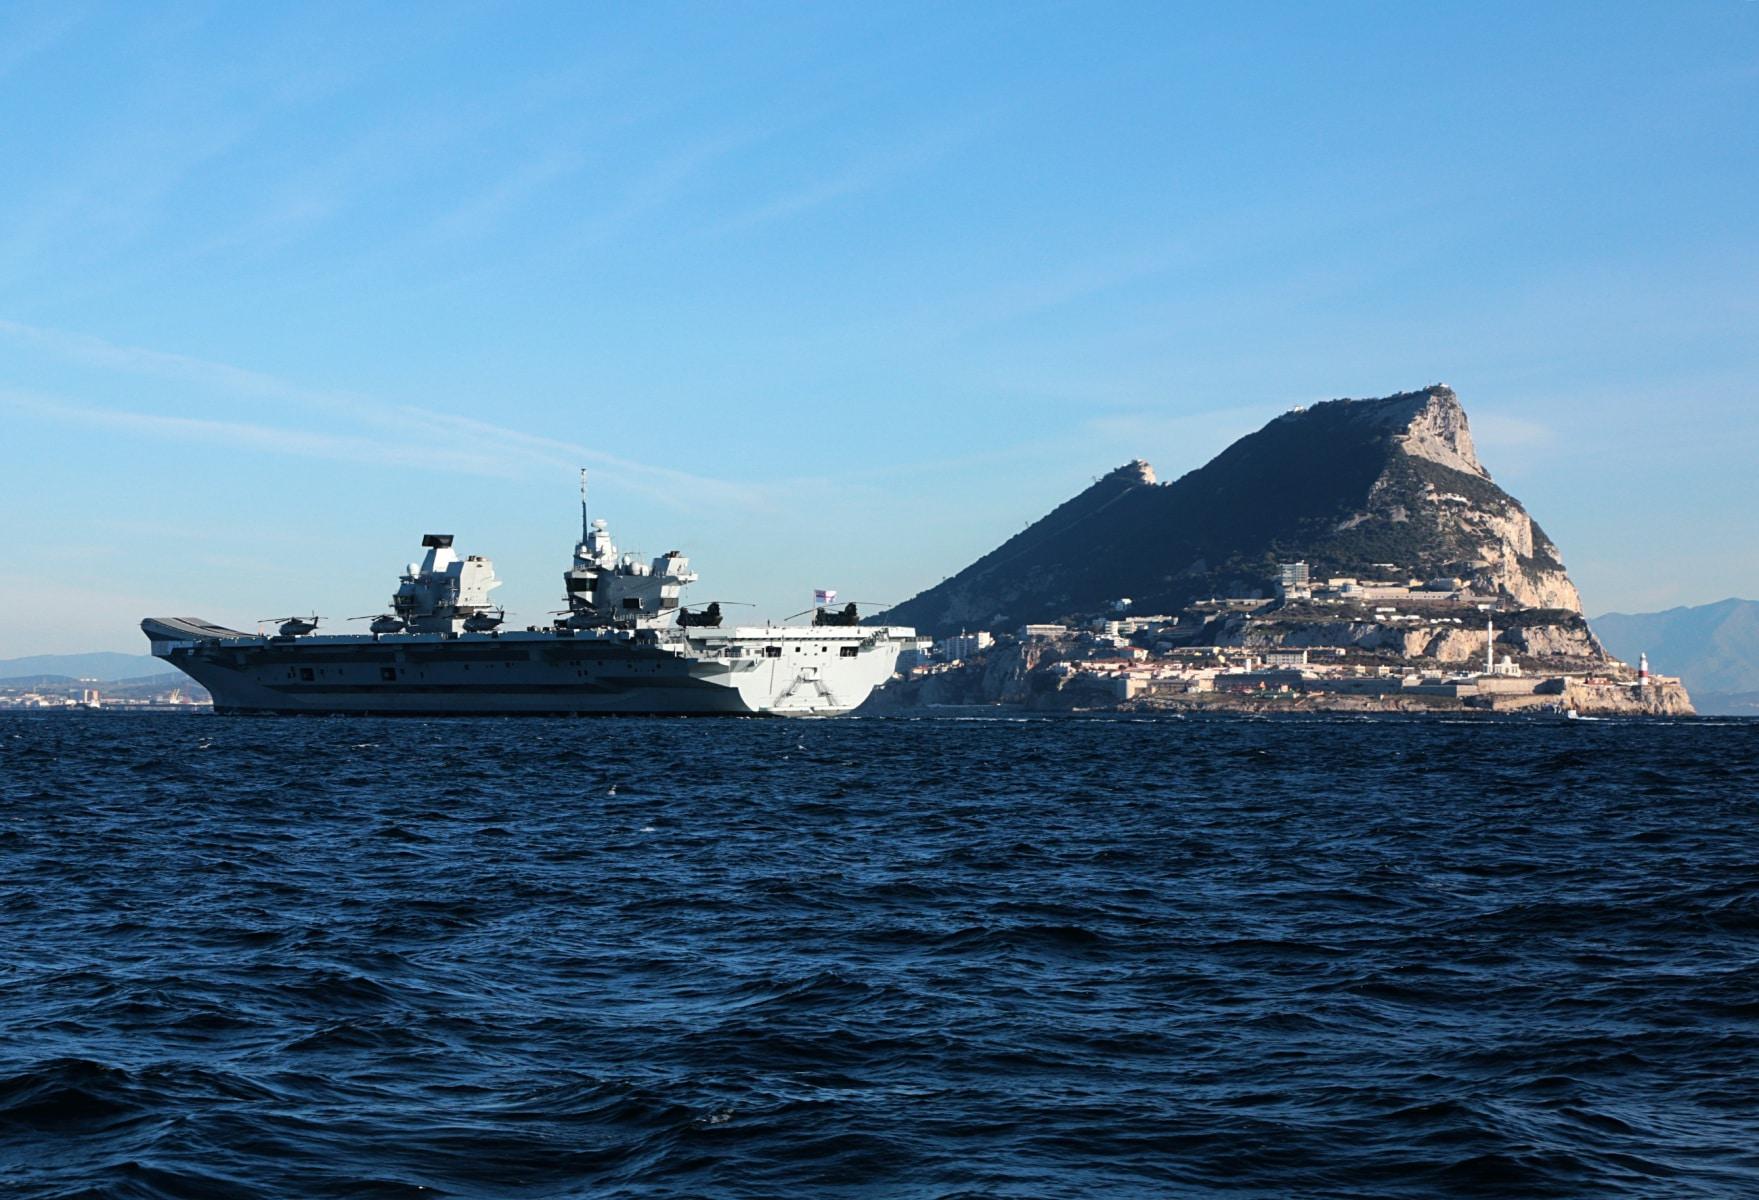 portaaviones-hms-queen-elizabeth-llegando-a-gibraltar-imagen-tomada-desde-uno-de-los-buques-de-apoyo-via-royal-navy-21_26293510388_o